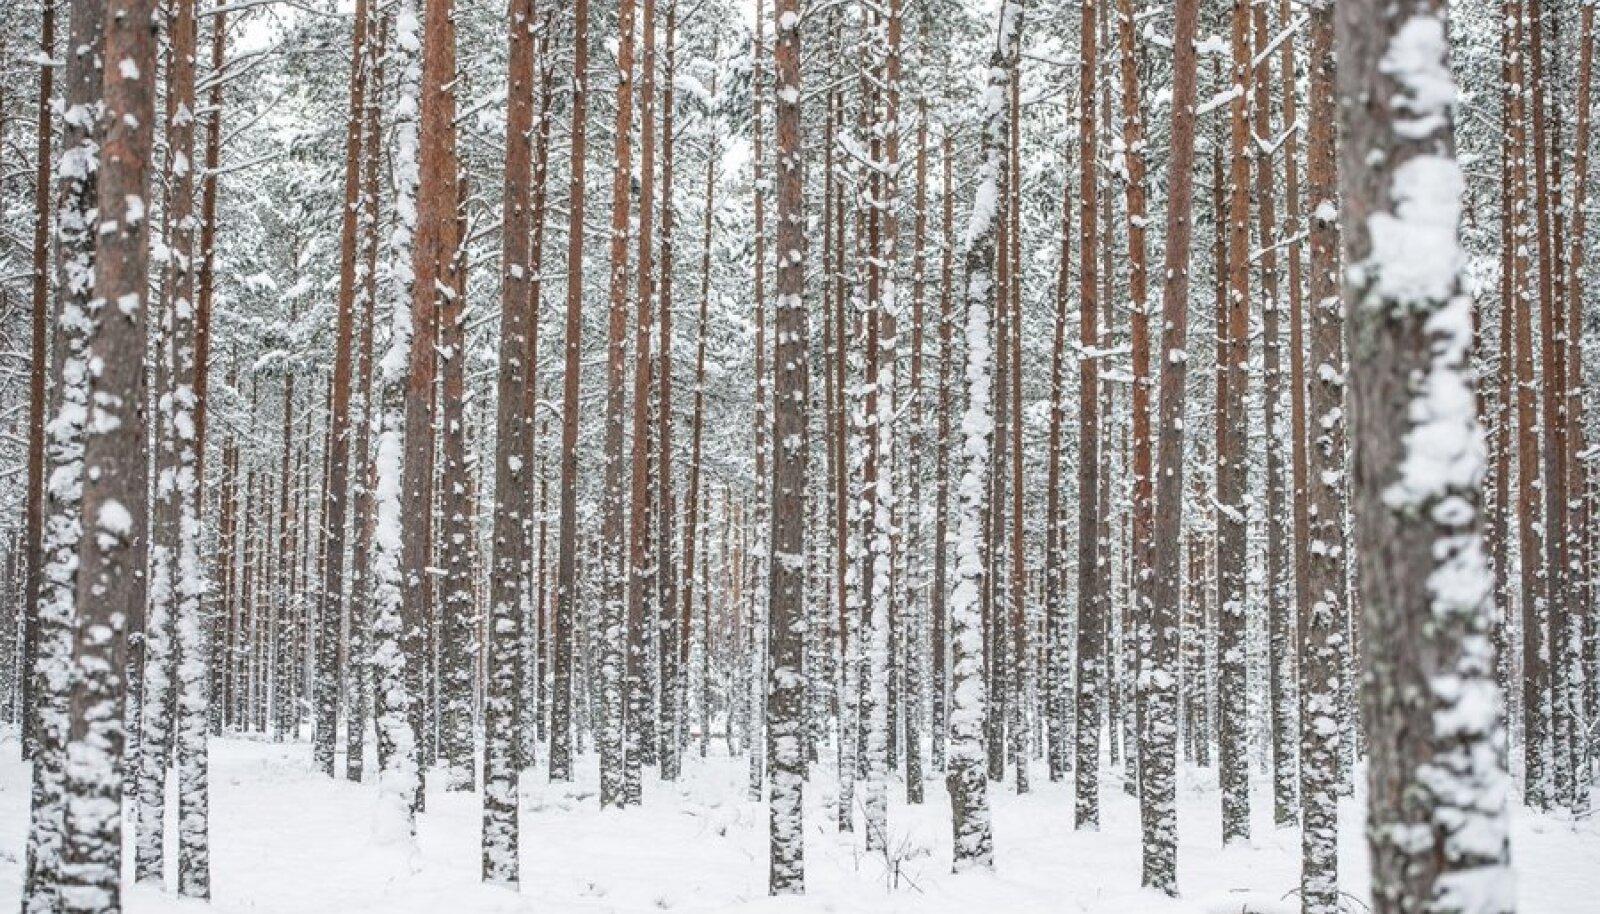 Lumine ja külm talv säästab meie puid kahjuritest ja liigsetest energiakuludest. Seetõttu võib kliima soojenemine omada meie metsade okaspuudele üsna tõsist mõju.